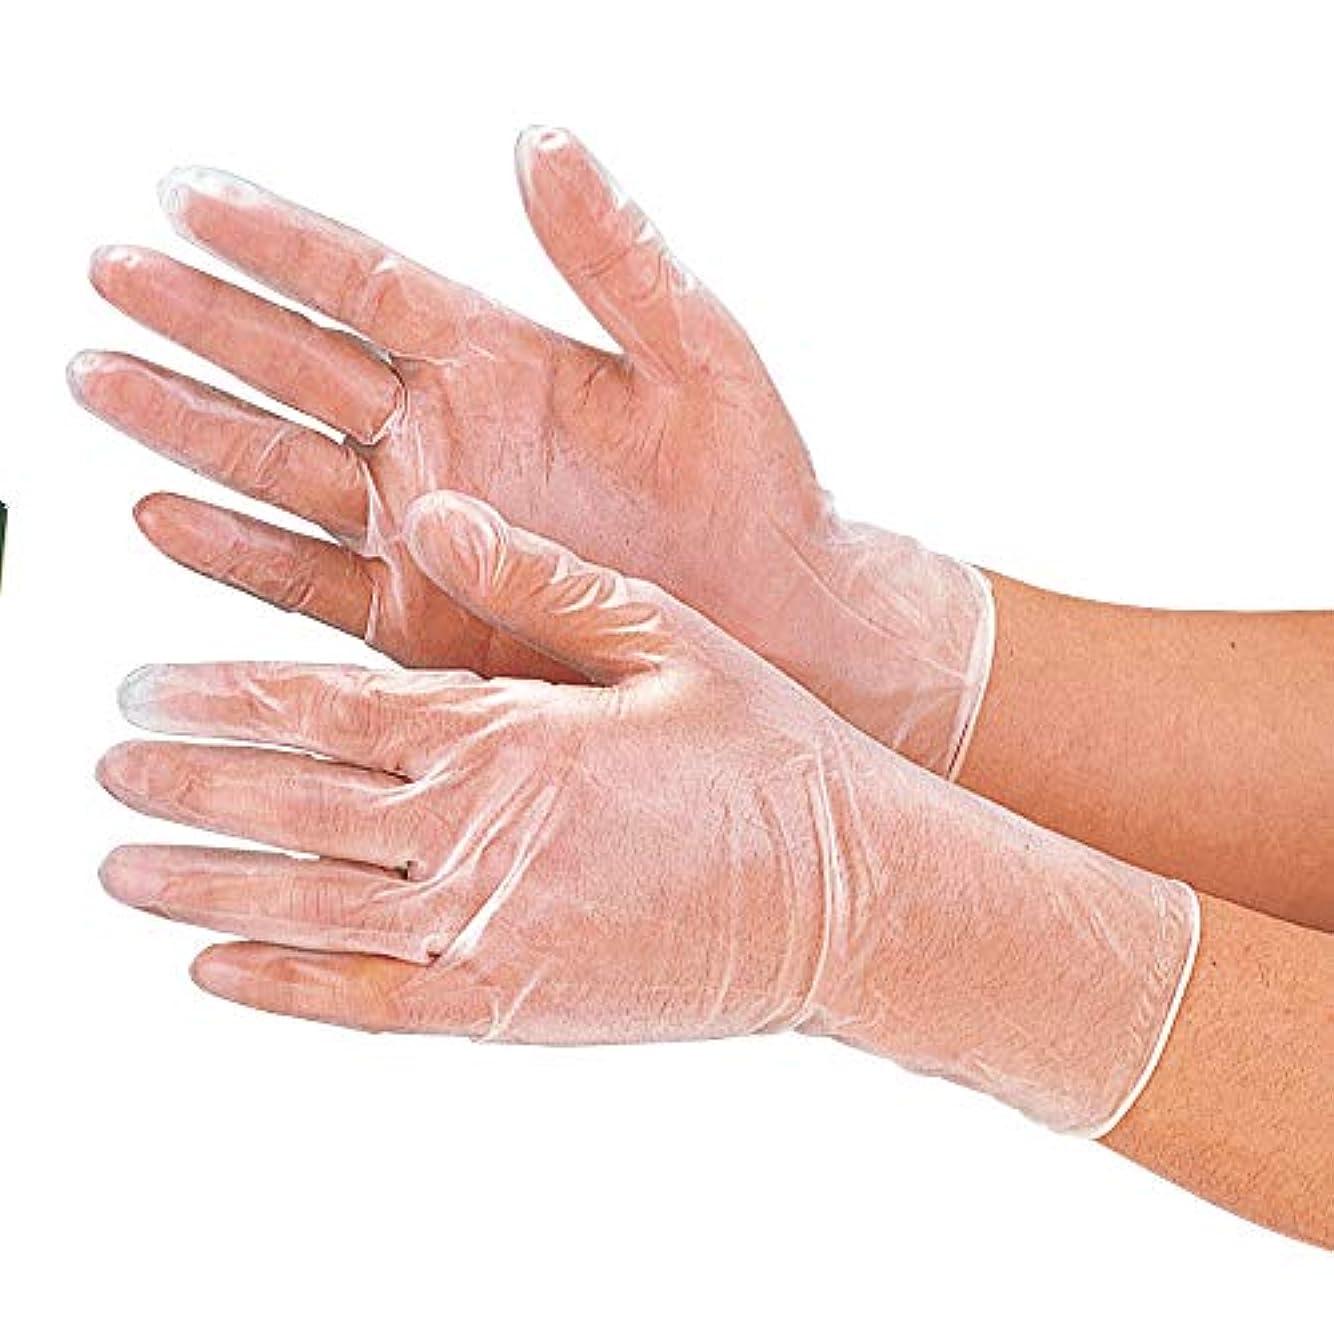 教えしがみつく形状おたふく手袋 プラスチックディスポ手袋 100枚入り #255 S/M/L